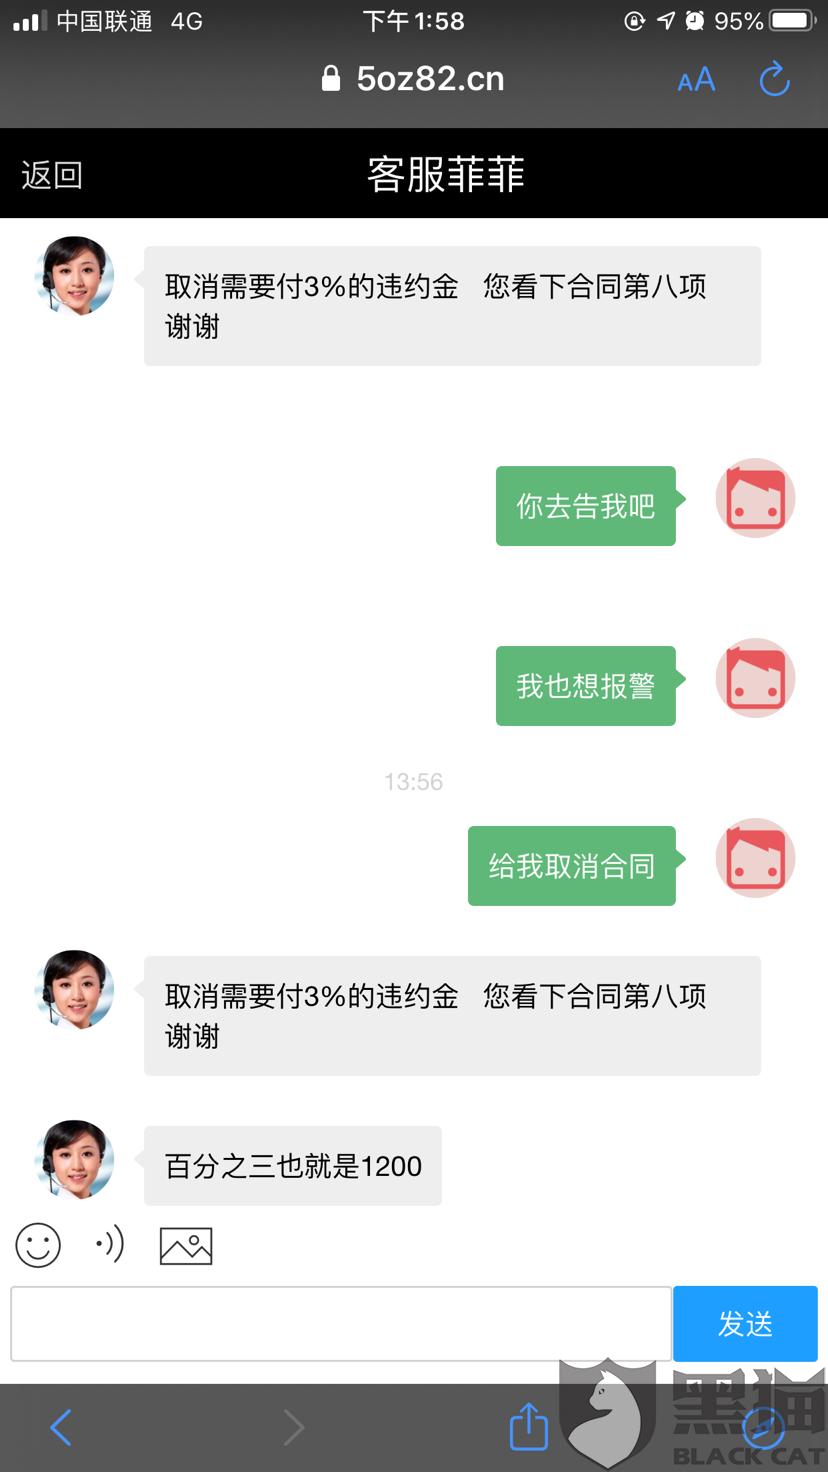 黑猫投诉:深圳前海微众银行,虚假宣传,乱收费